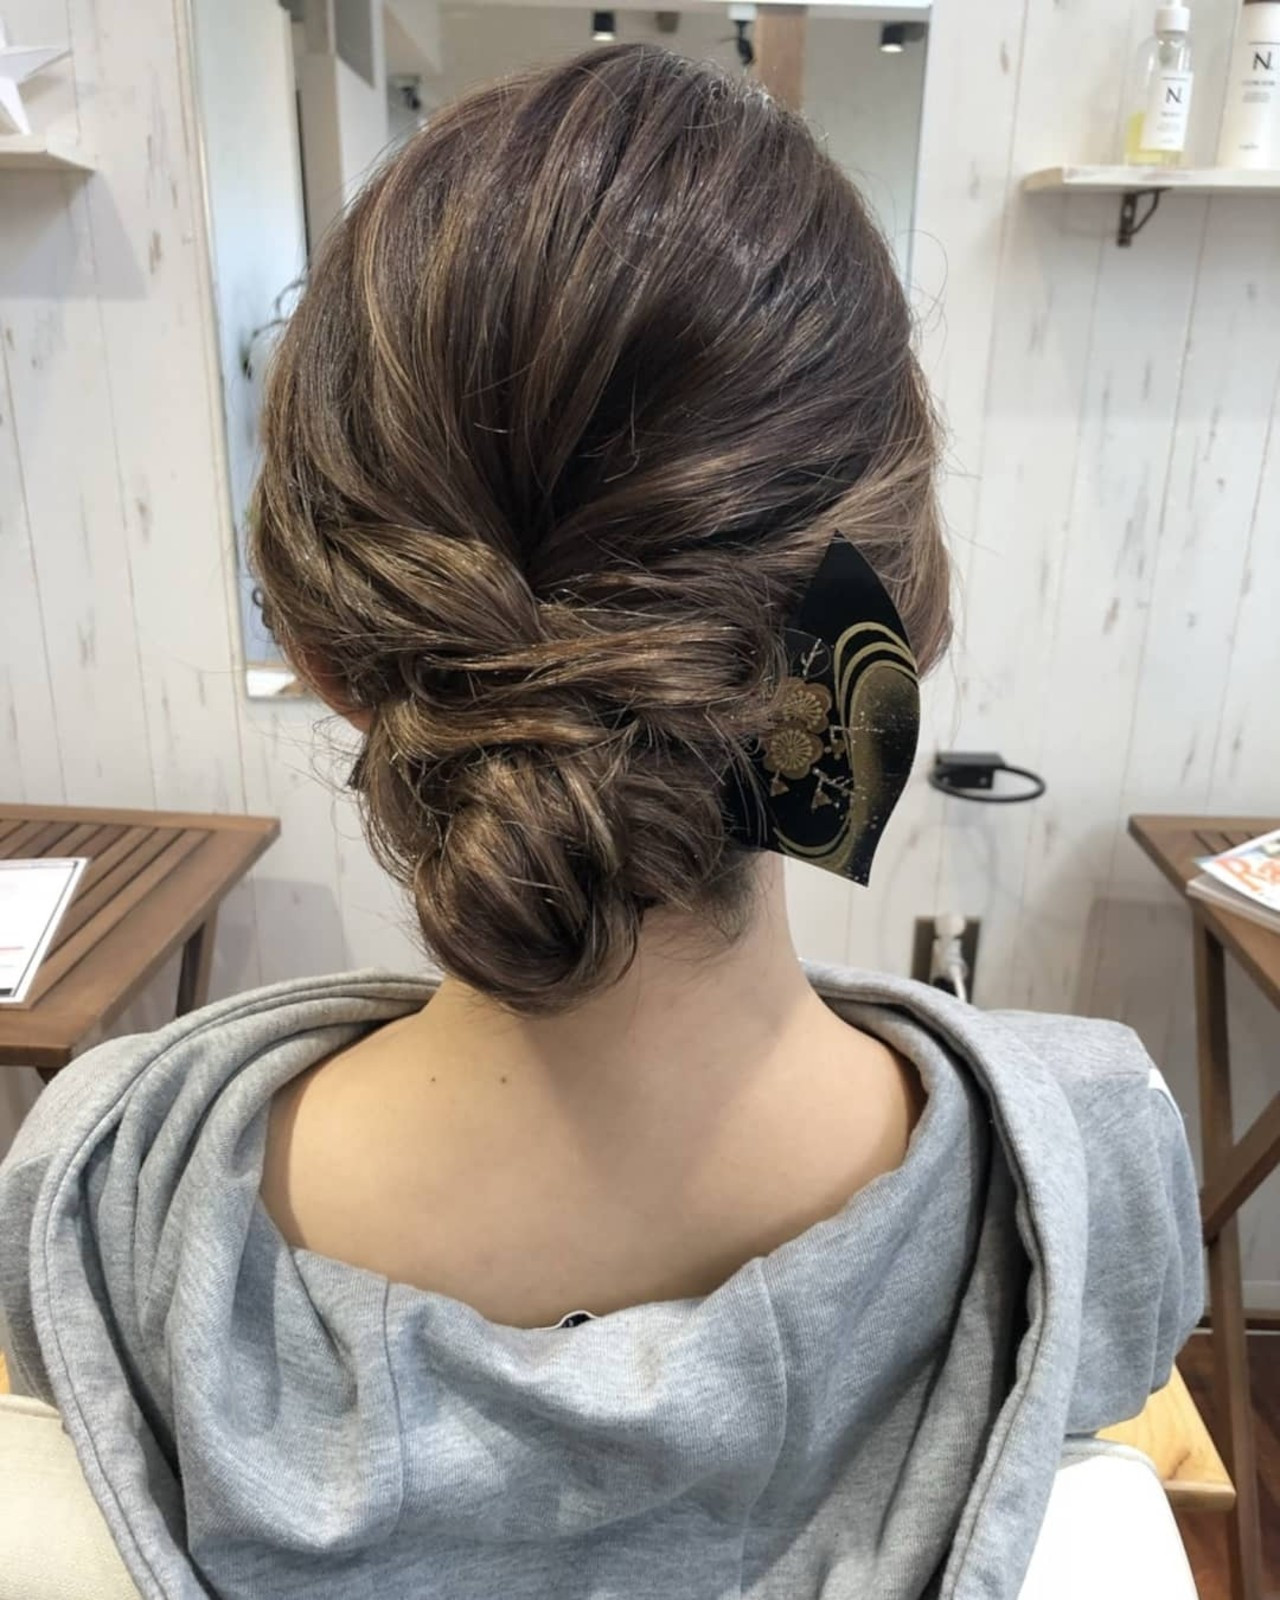 大人セクシーになれるセミロングの袴アレンジ 菅原匠Hair&Nail anchor by Laf